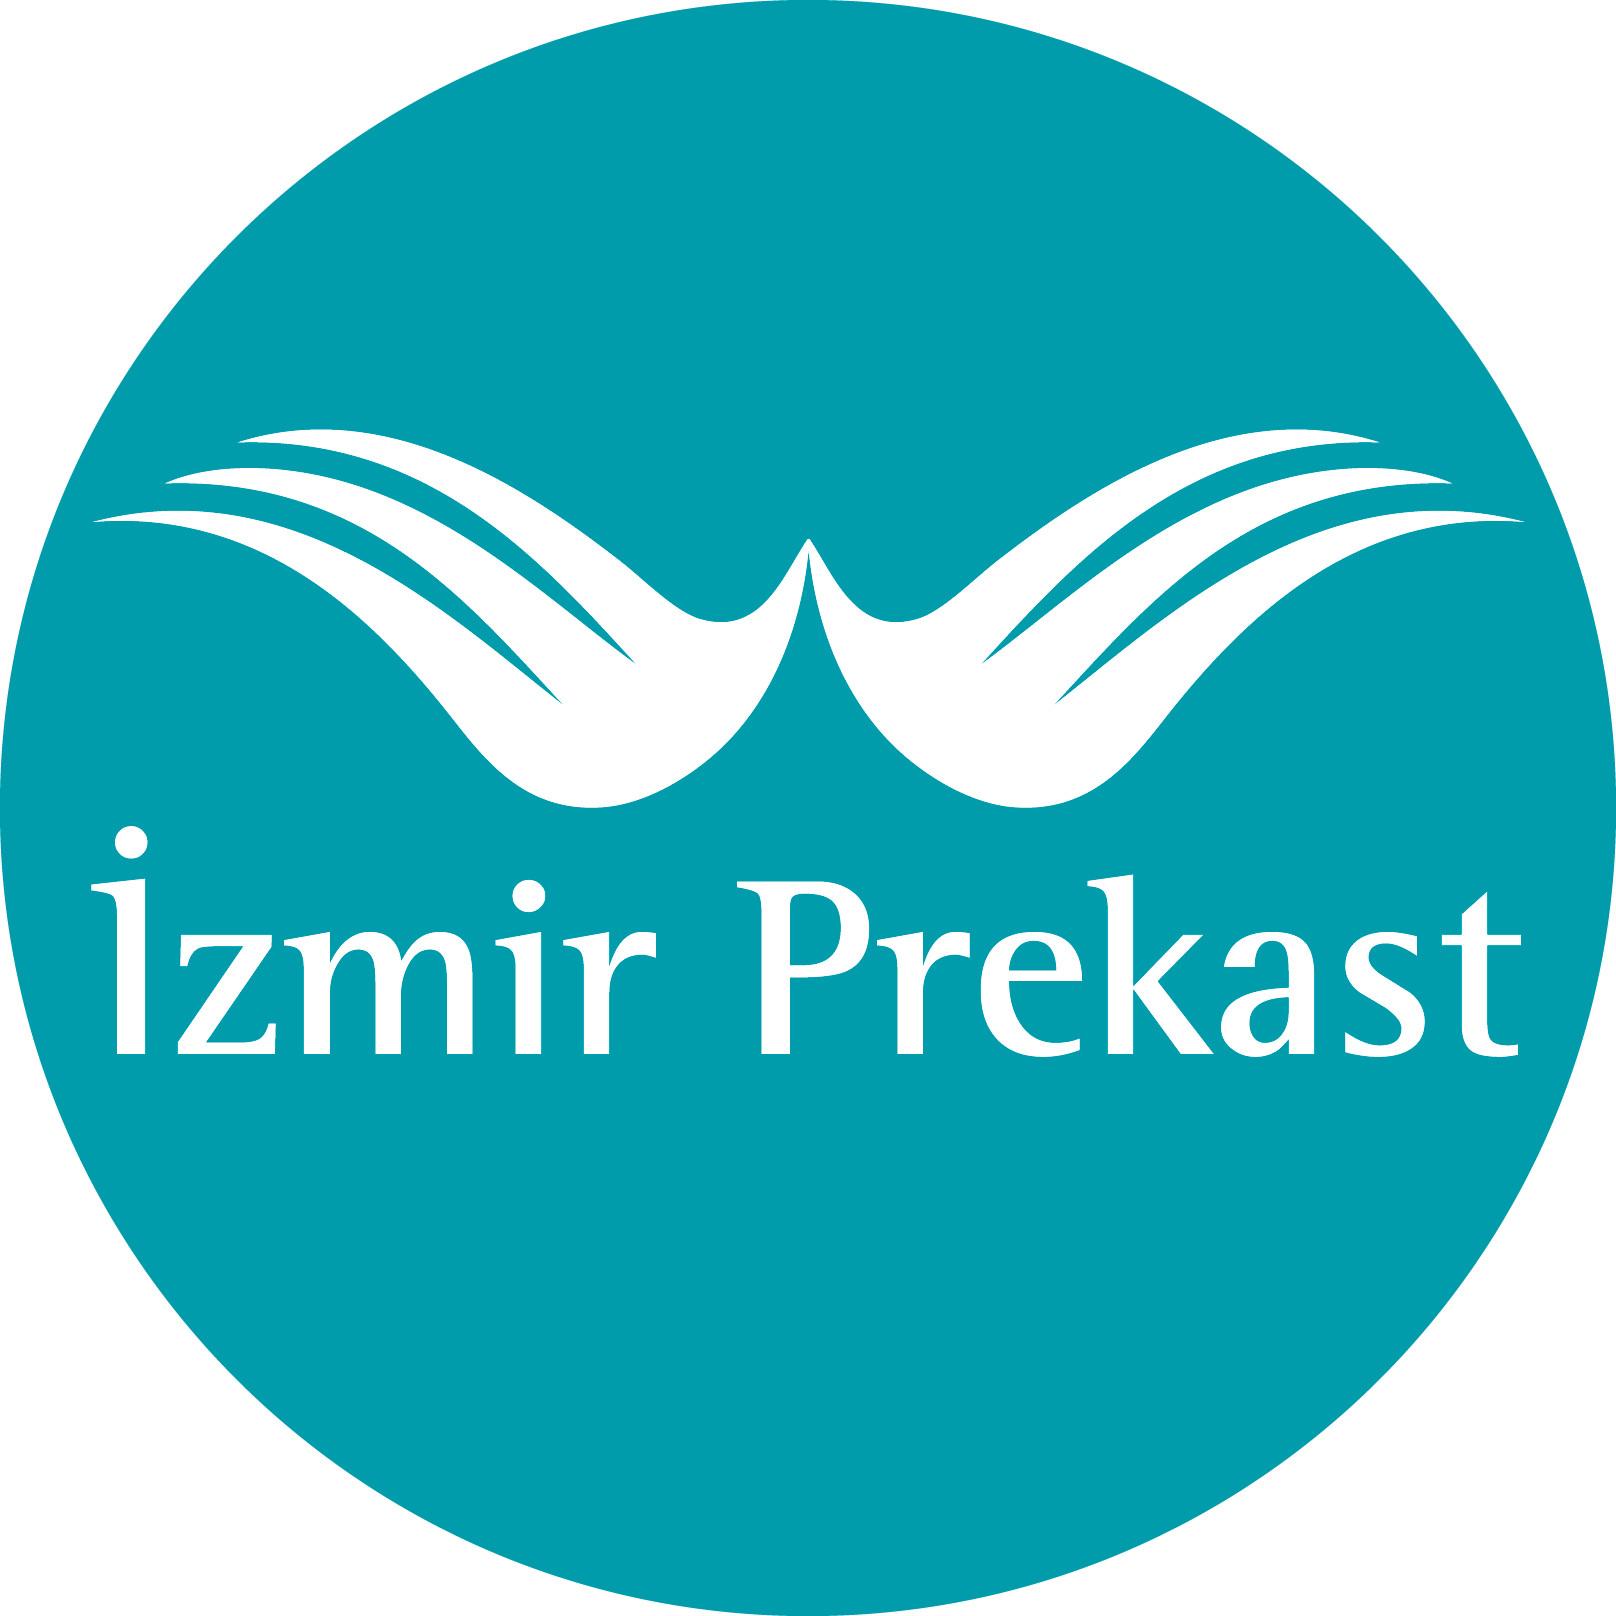 İzmir Prekast